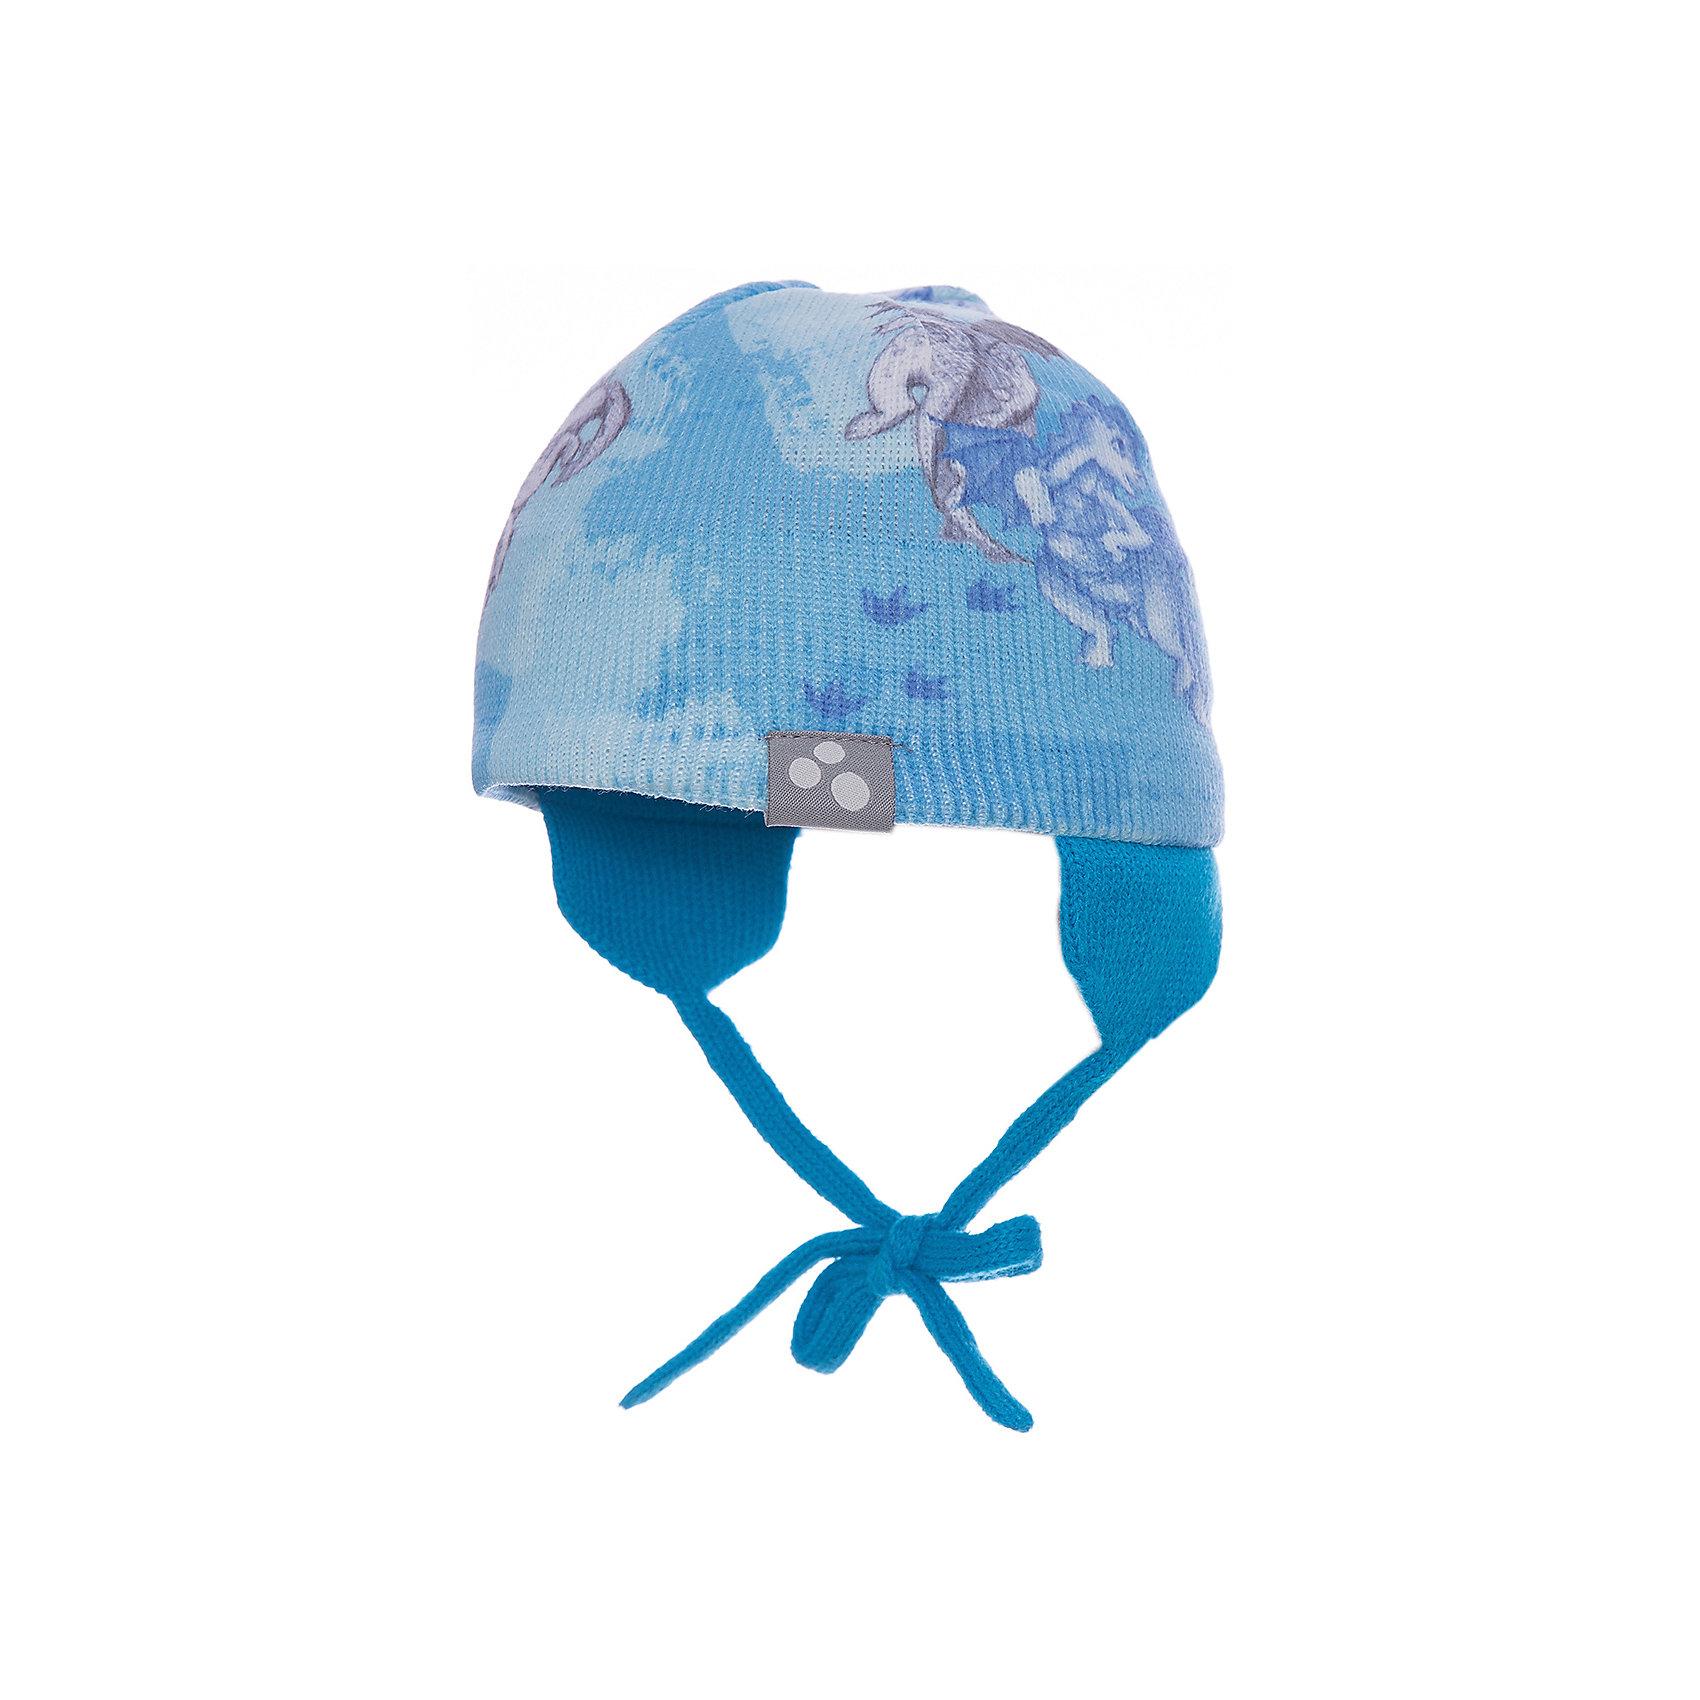 Шапка CAIRO для мальчика HuppaДемисезонные<br>Характеристики товара:<br><br>• цвет: светло-голубой принт<br>• состав: 100% акрил<br>• температурный режим: от 0°С до +10°С<br>• демисезонная<br>• логотип<br>• защита ушей<br>• комфортная посадка<br>• завязки<br>• мягкий материал<br>• страна бренда: Эстония<br><br>Эта шапка обеспечит детям тепло и комфорт. Она сделана из приятного на ощупь мягкого материала. Шапка очень симпатично смотрится, а дизайн и расцветка позволяют сочетать её с различной одеждой. Модель была разработана специально для детей.<br><br>Одежда и обувь от популярного эстонского бренда Huppa - отличный вариант одеть ребенка можно и комфортно. Вещи, выпускаемые компанией, качественные, продуманные и очень удобные. Для производства изделий используются только безопасные для детей материалы. Продукция от Huppa порадует и детей, и их родителей!<br><br>Шапку CAIRO от бренда Huppa (Хуппа) можно купить в нашем интернет-магазине.<br><br>Ширина мм: 89<br>Глубина мм: 117<br>Высота мм: 44<br>Вес г: 155<br>Цвет: синий<br>Возраст от месяцев: 6<br>Возраст до месяцев: 12<br>Пол: Мужской<br>Возраст: Детский<br>Размер: 43-45,55-57,47-49,51-53<br>SKU: 5347667